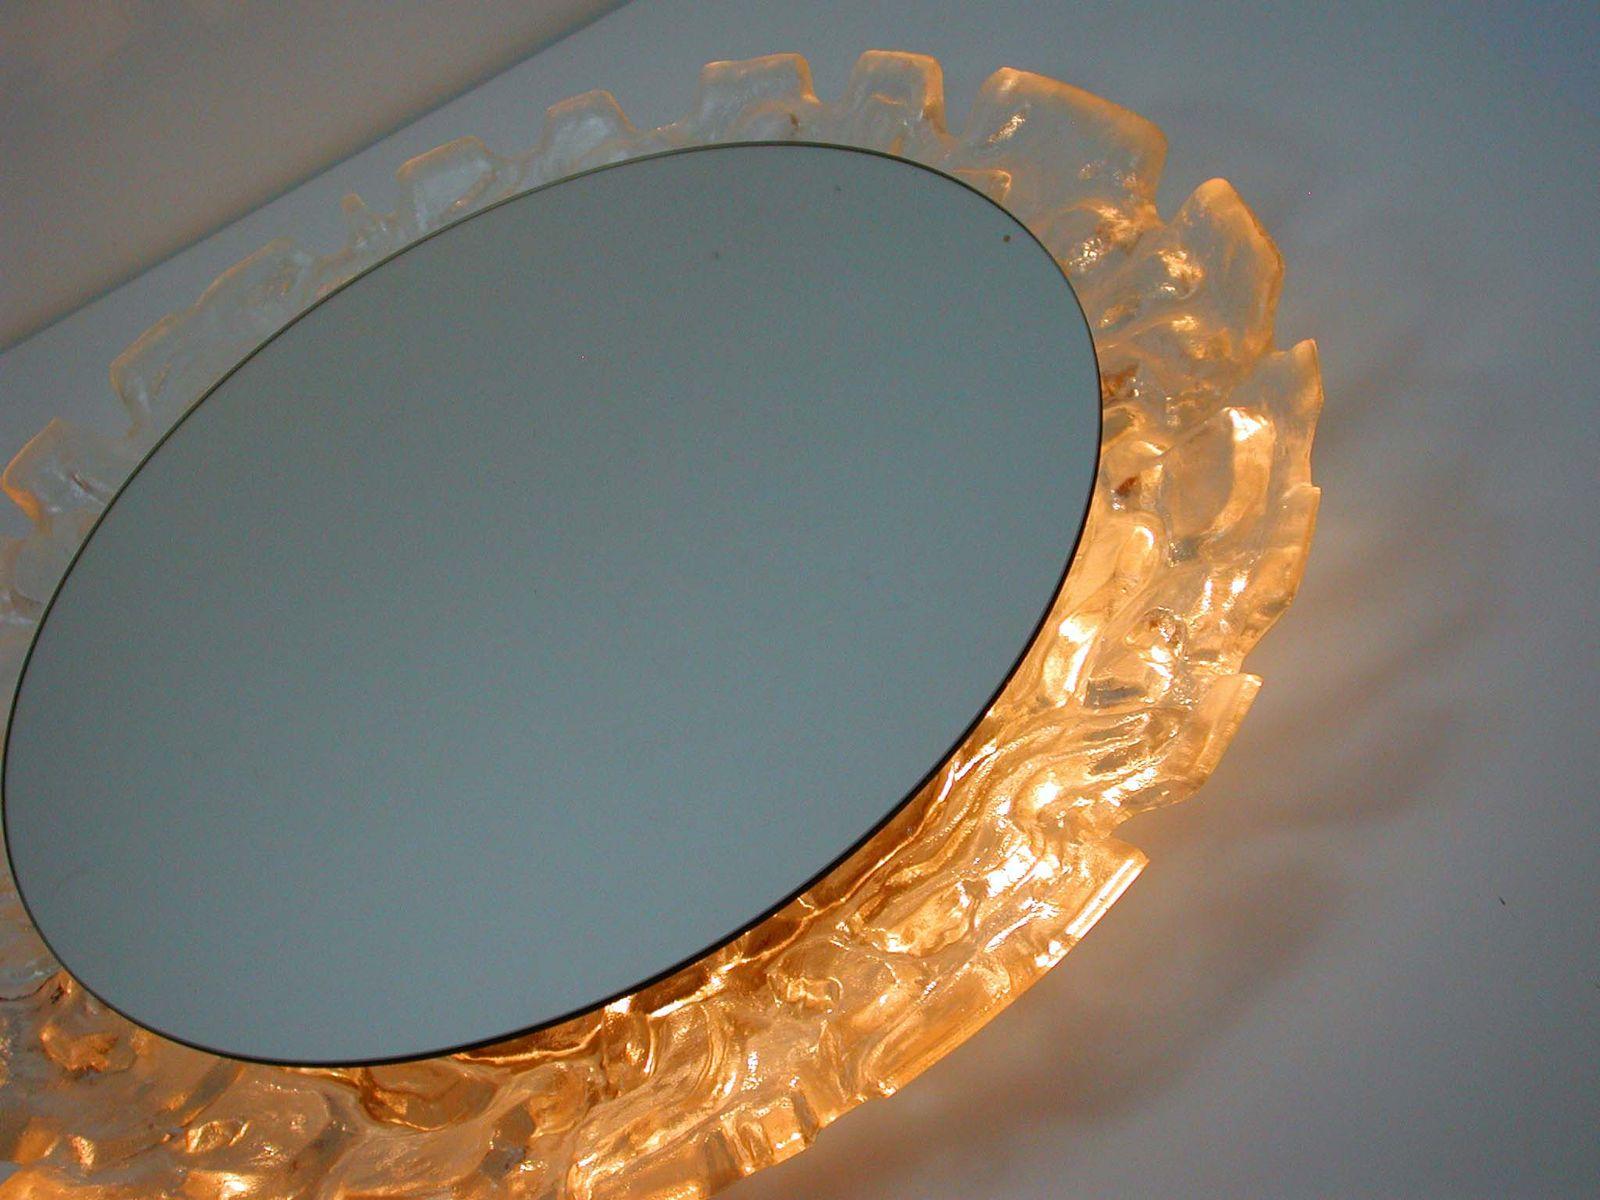 beleuchteter deutscher mid century spiegel aus frostglas von hillebrand 1960er bei pamono kaufen. Black Bedroom Furniture Sets. Home Design Ideas